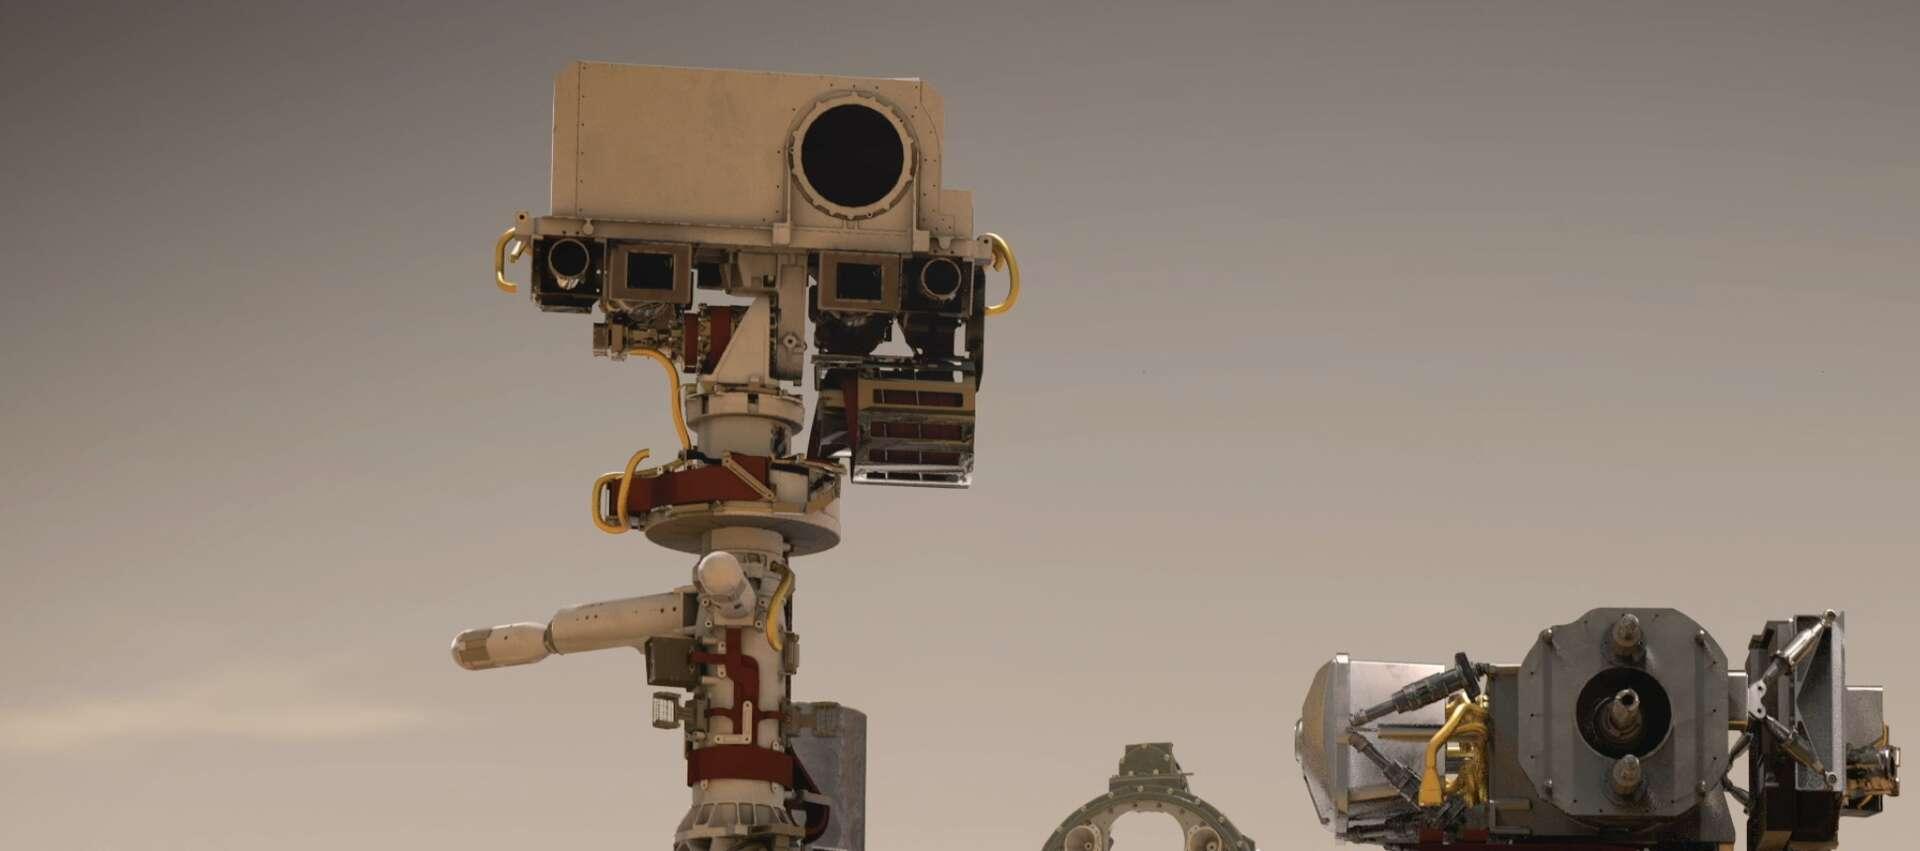 Le rover Perseverance. © Nasa, JPL-Caltech